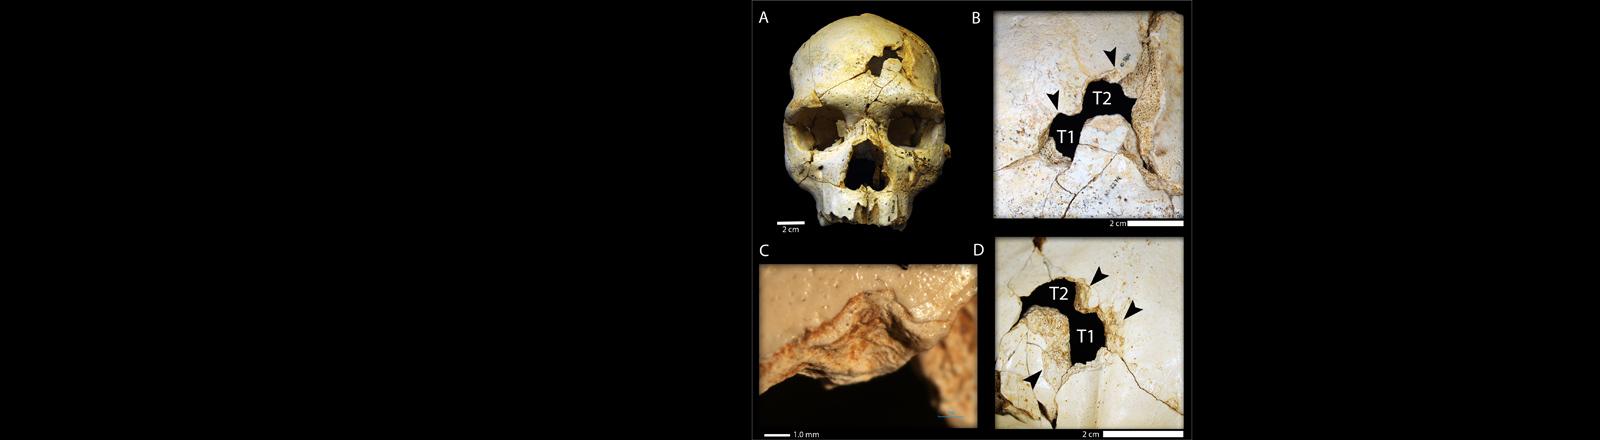 A: Der frontale Schädeleinschlag; B: Die Einschlagstellen im Schädel im Detail; C: Miskiopische Aufnahme der Bruchstelle; D: Einschlagstellen aus der Sicht des Schädelinneren.